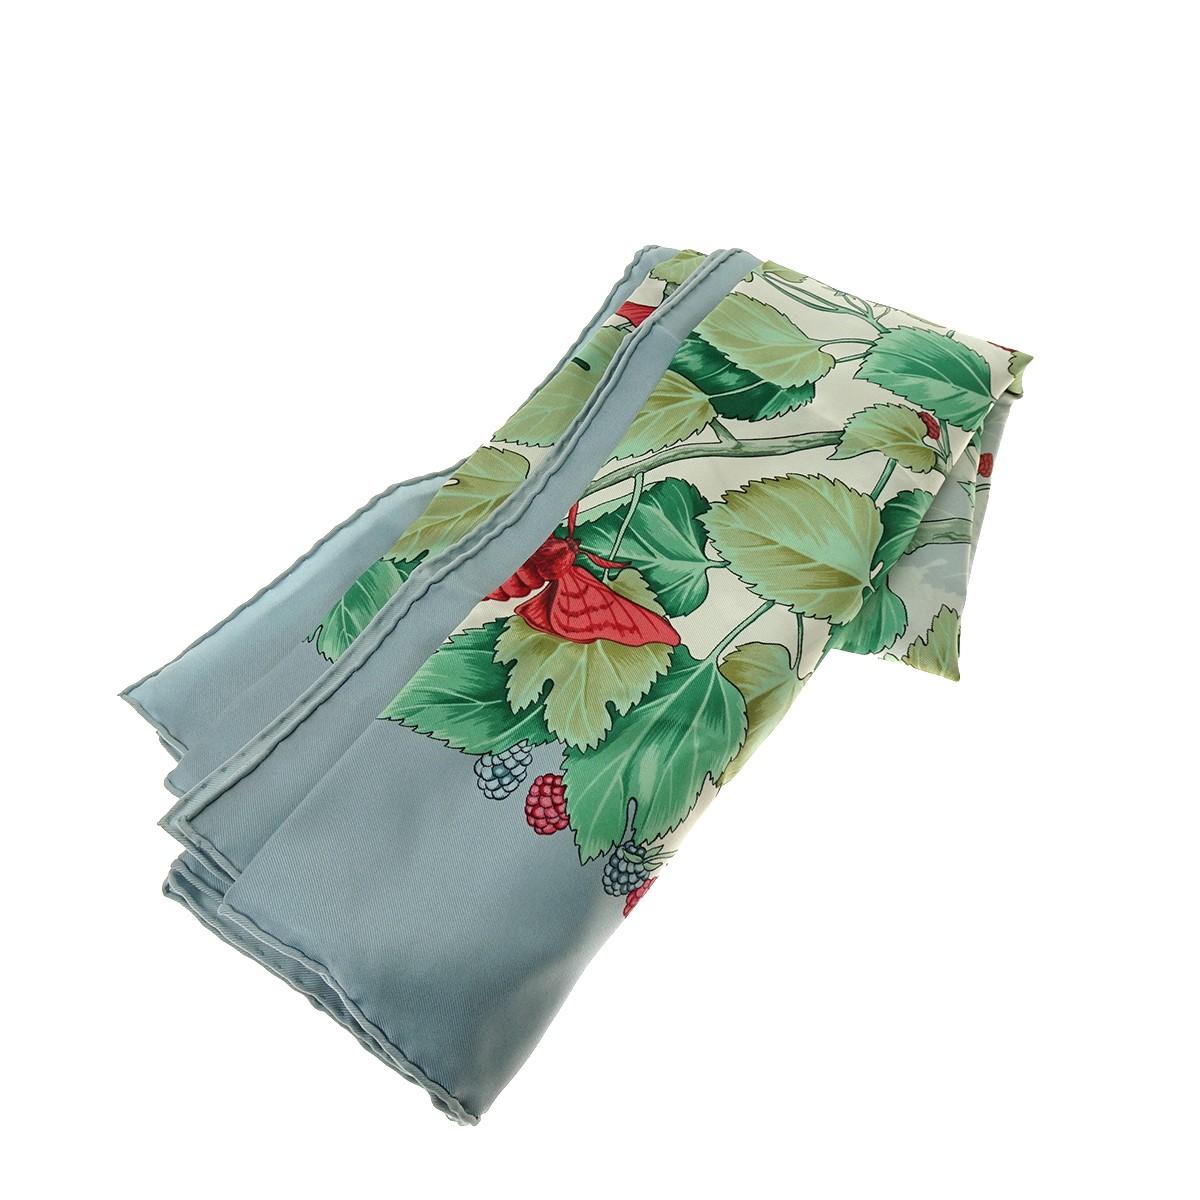 【中古】HERMES カレ90 L'ARBRE DE SOIE 絹の木 ブルー×グリーン サイズ:- 【310320】(エルメス)